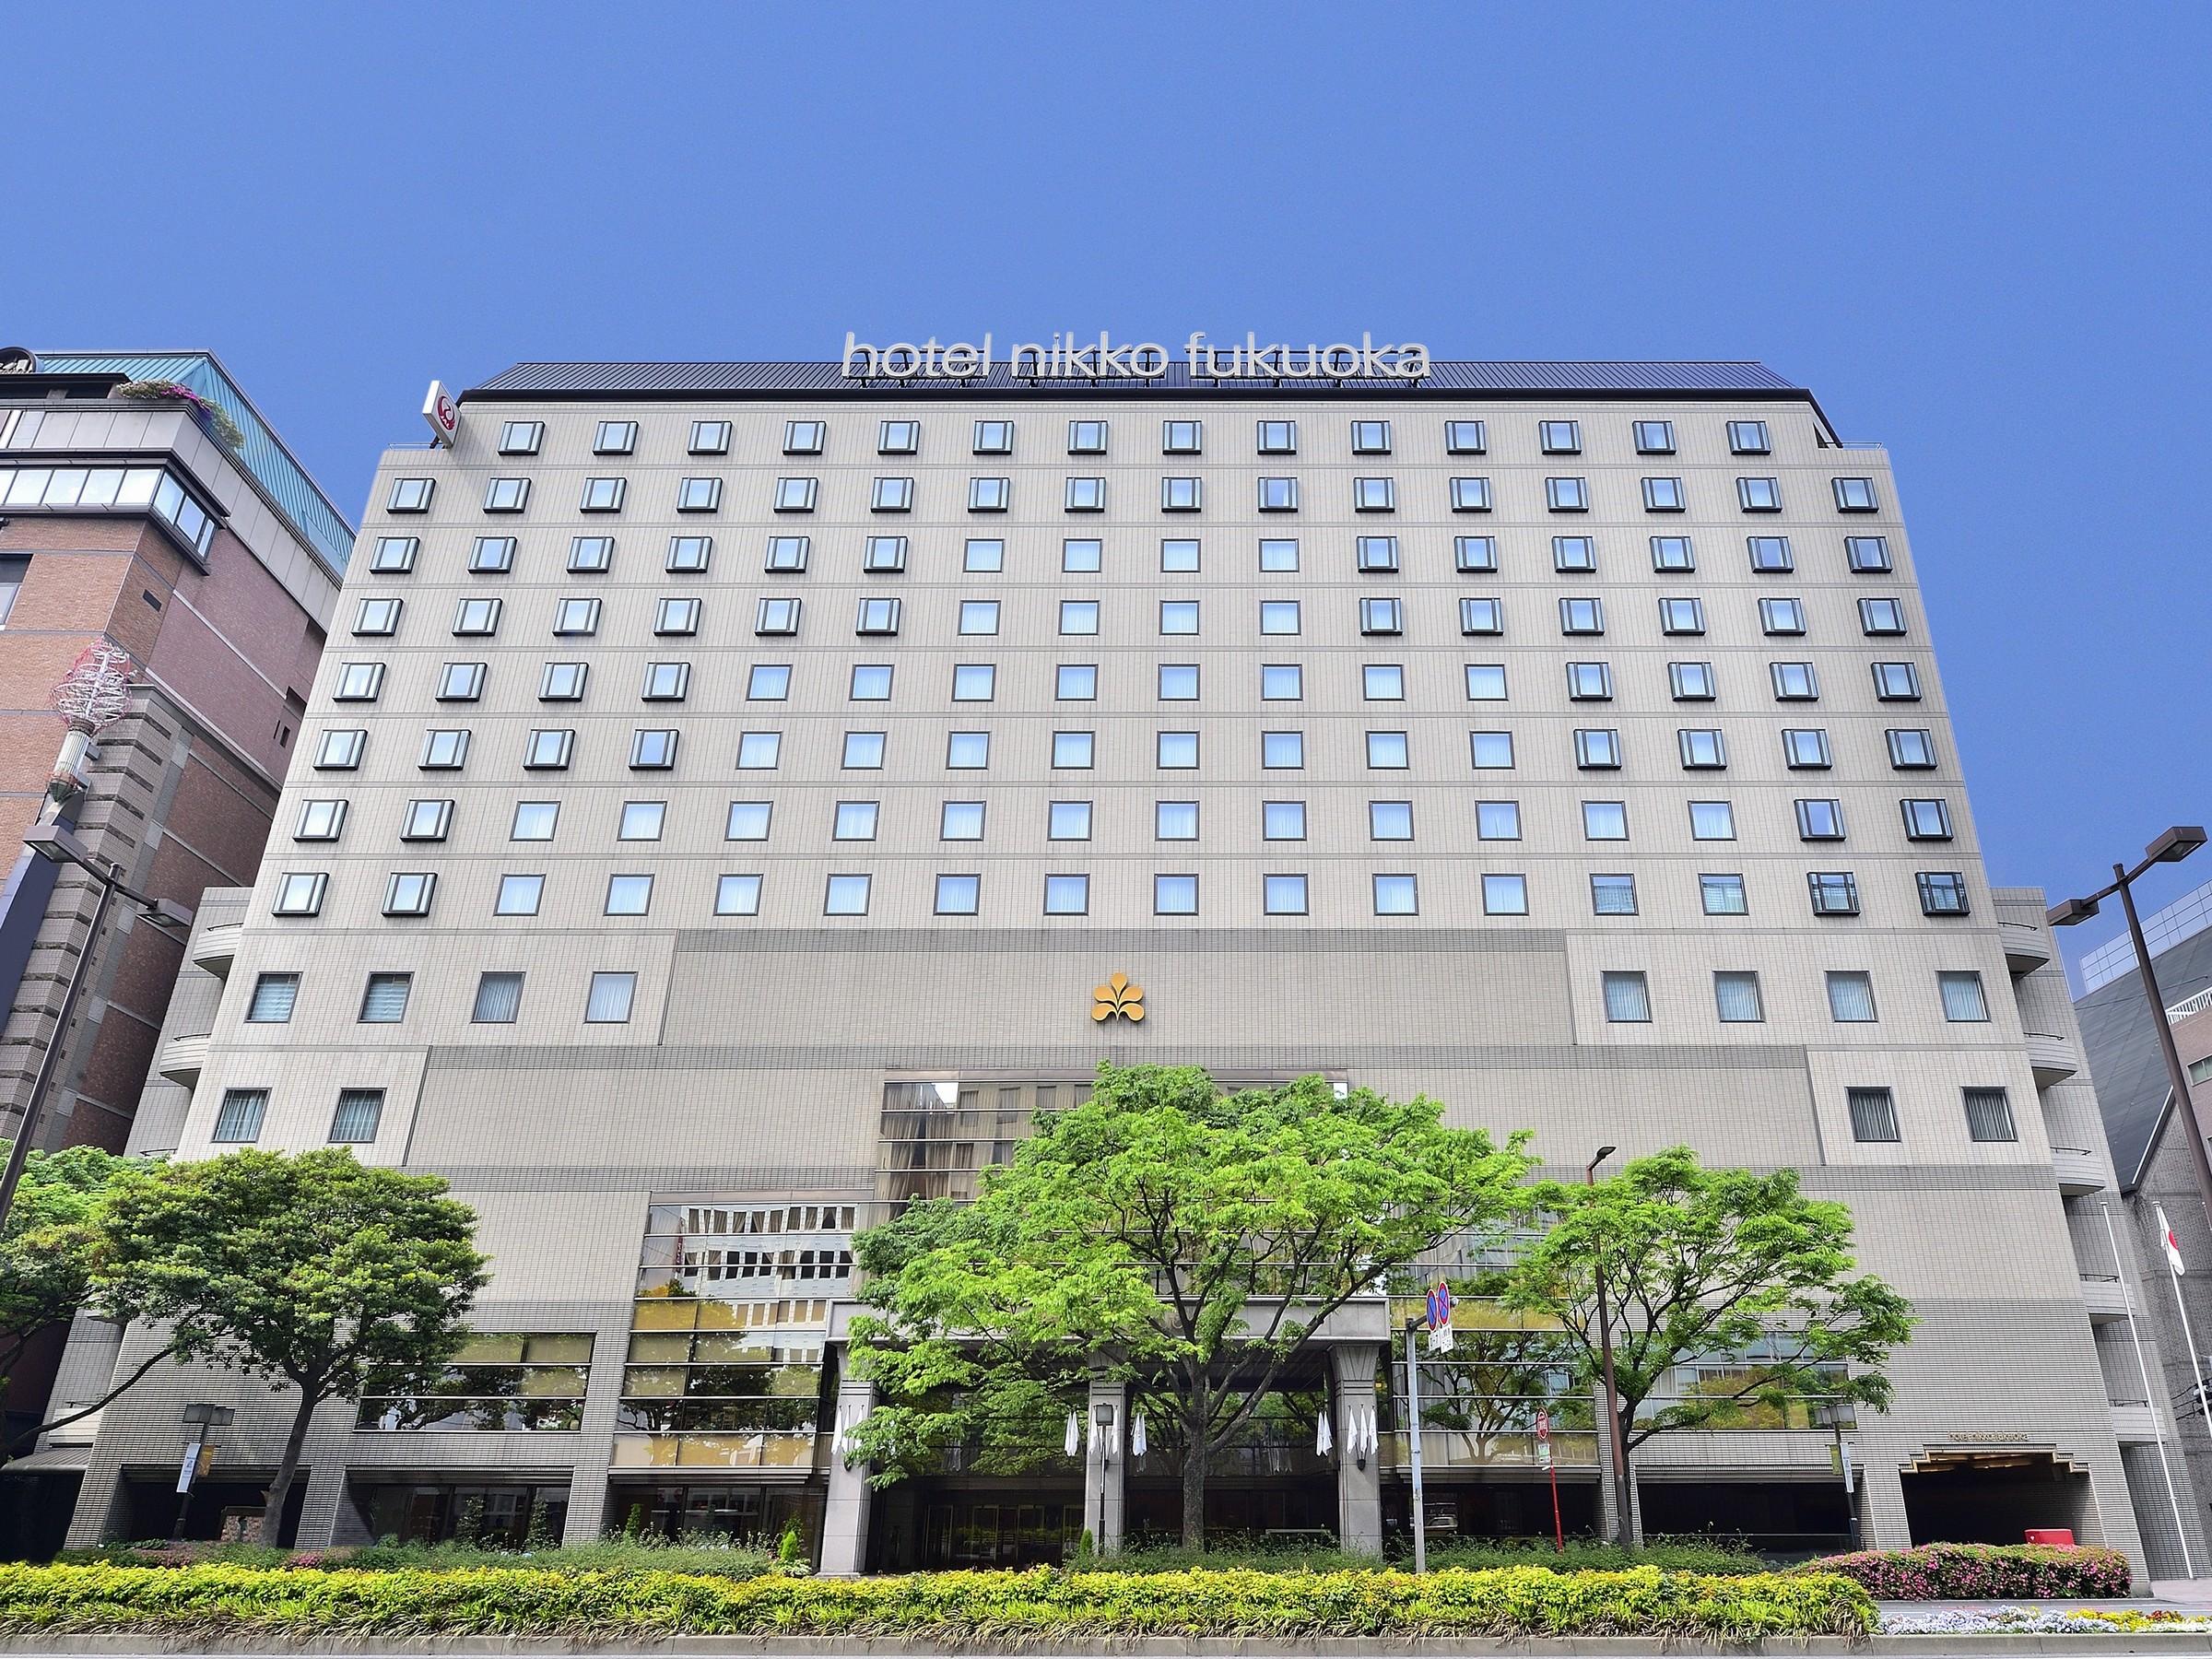 ホテル日航福岡 image